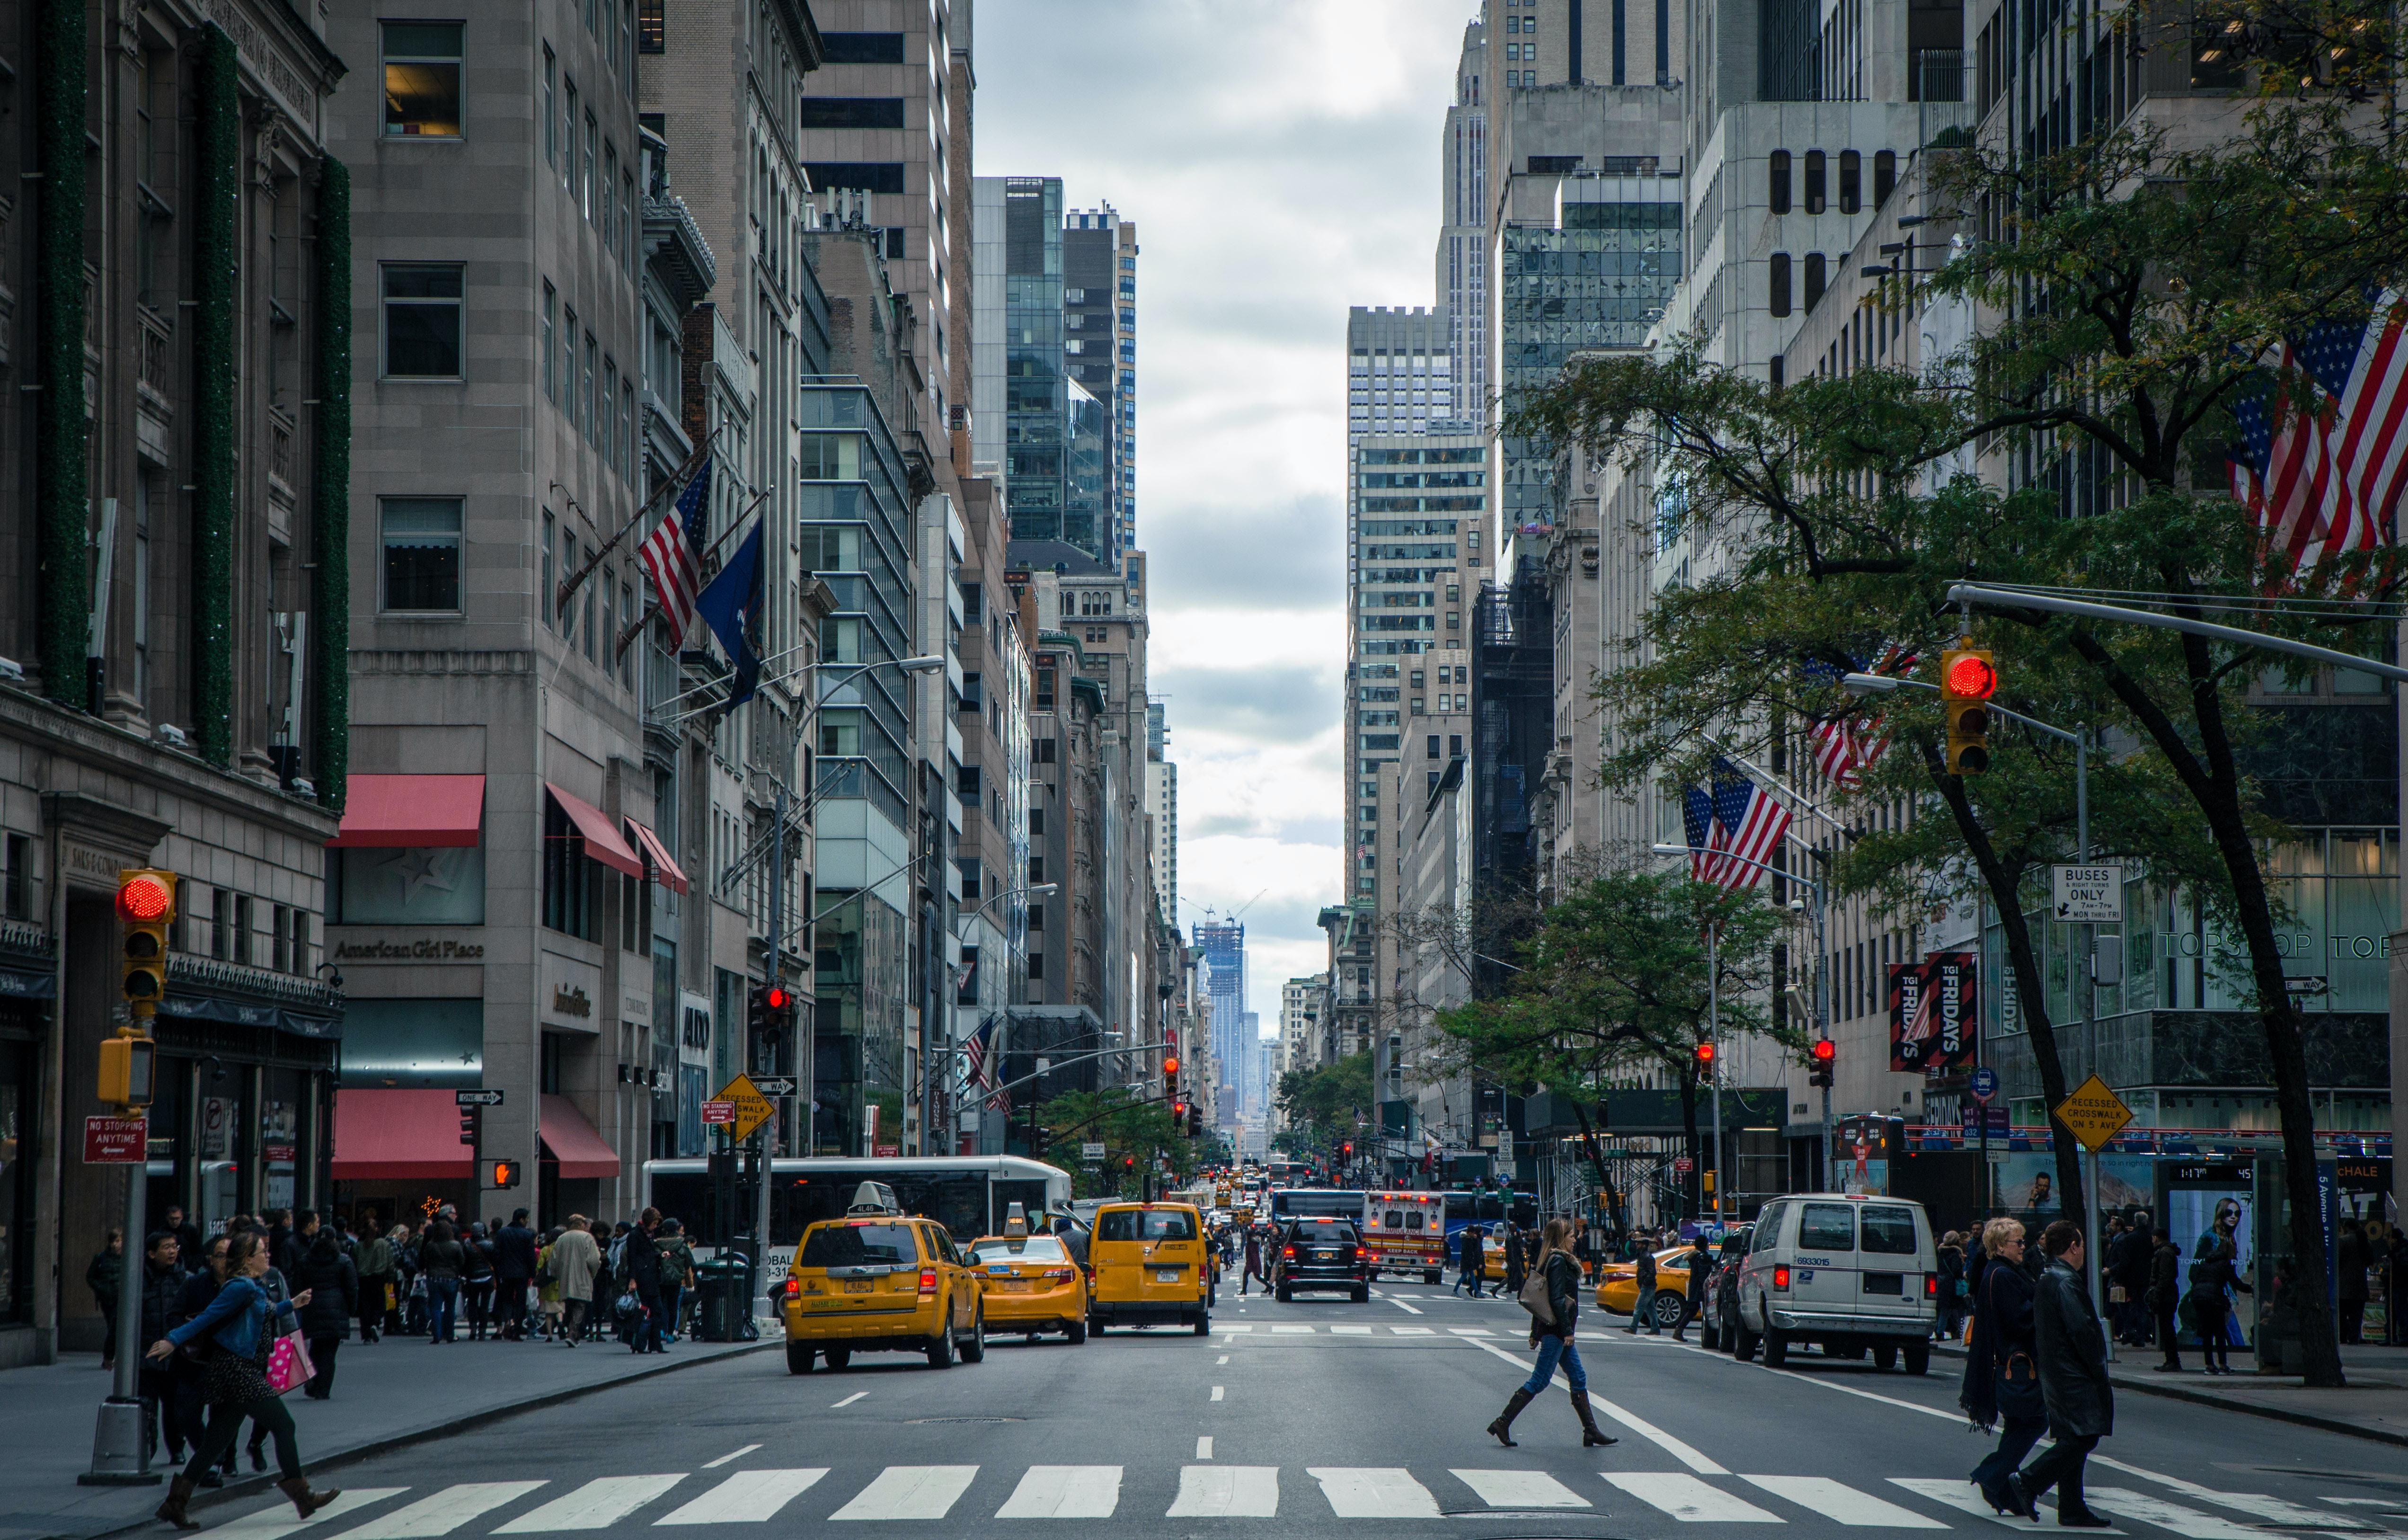 New York Skyline Wallpaper Hd Wallpaper Download a